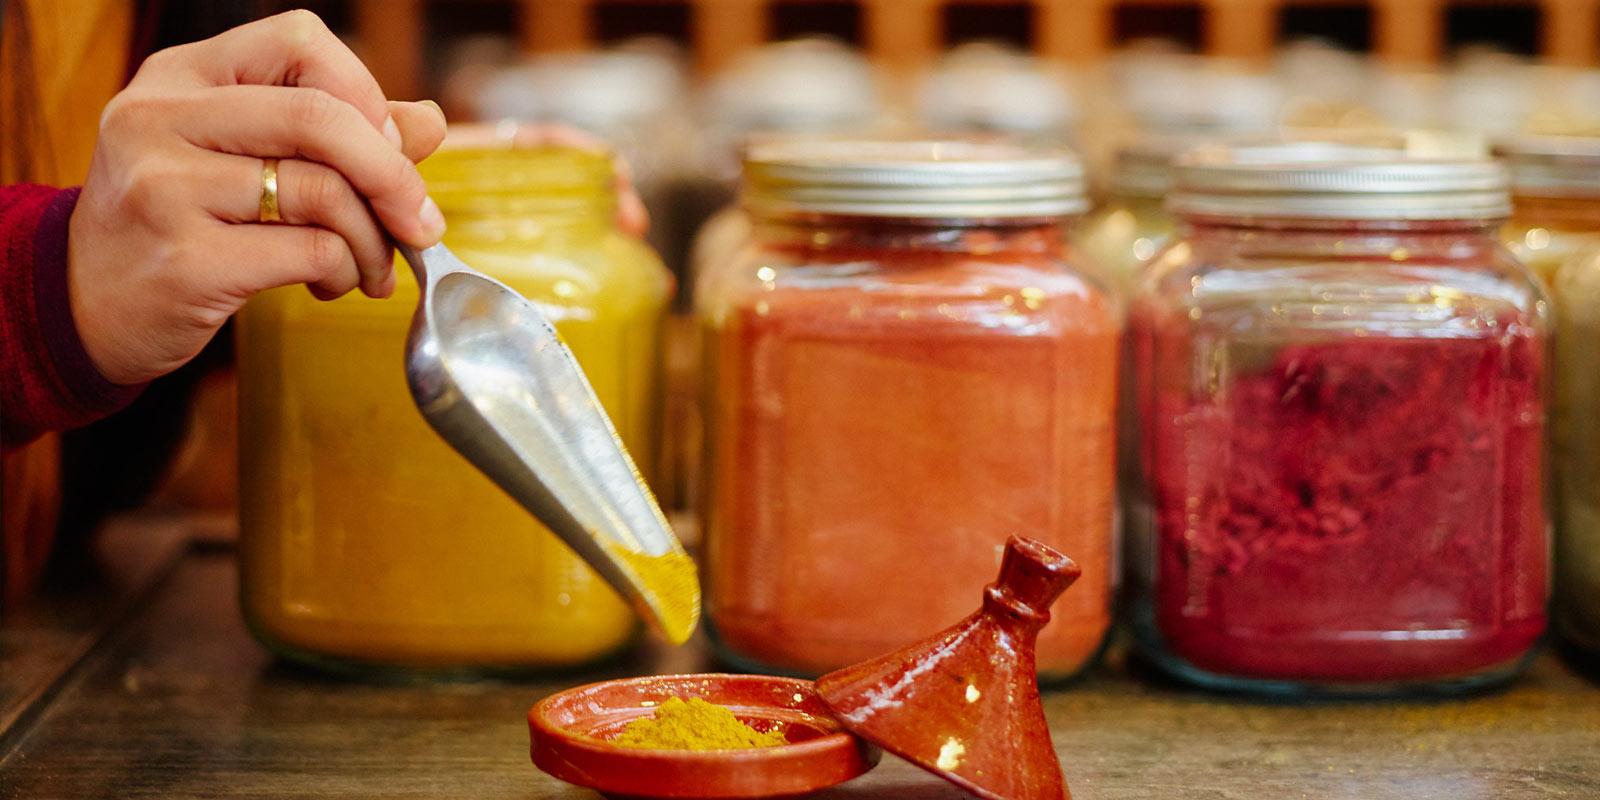 Whole Spice – Oxbow Public Market